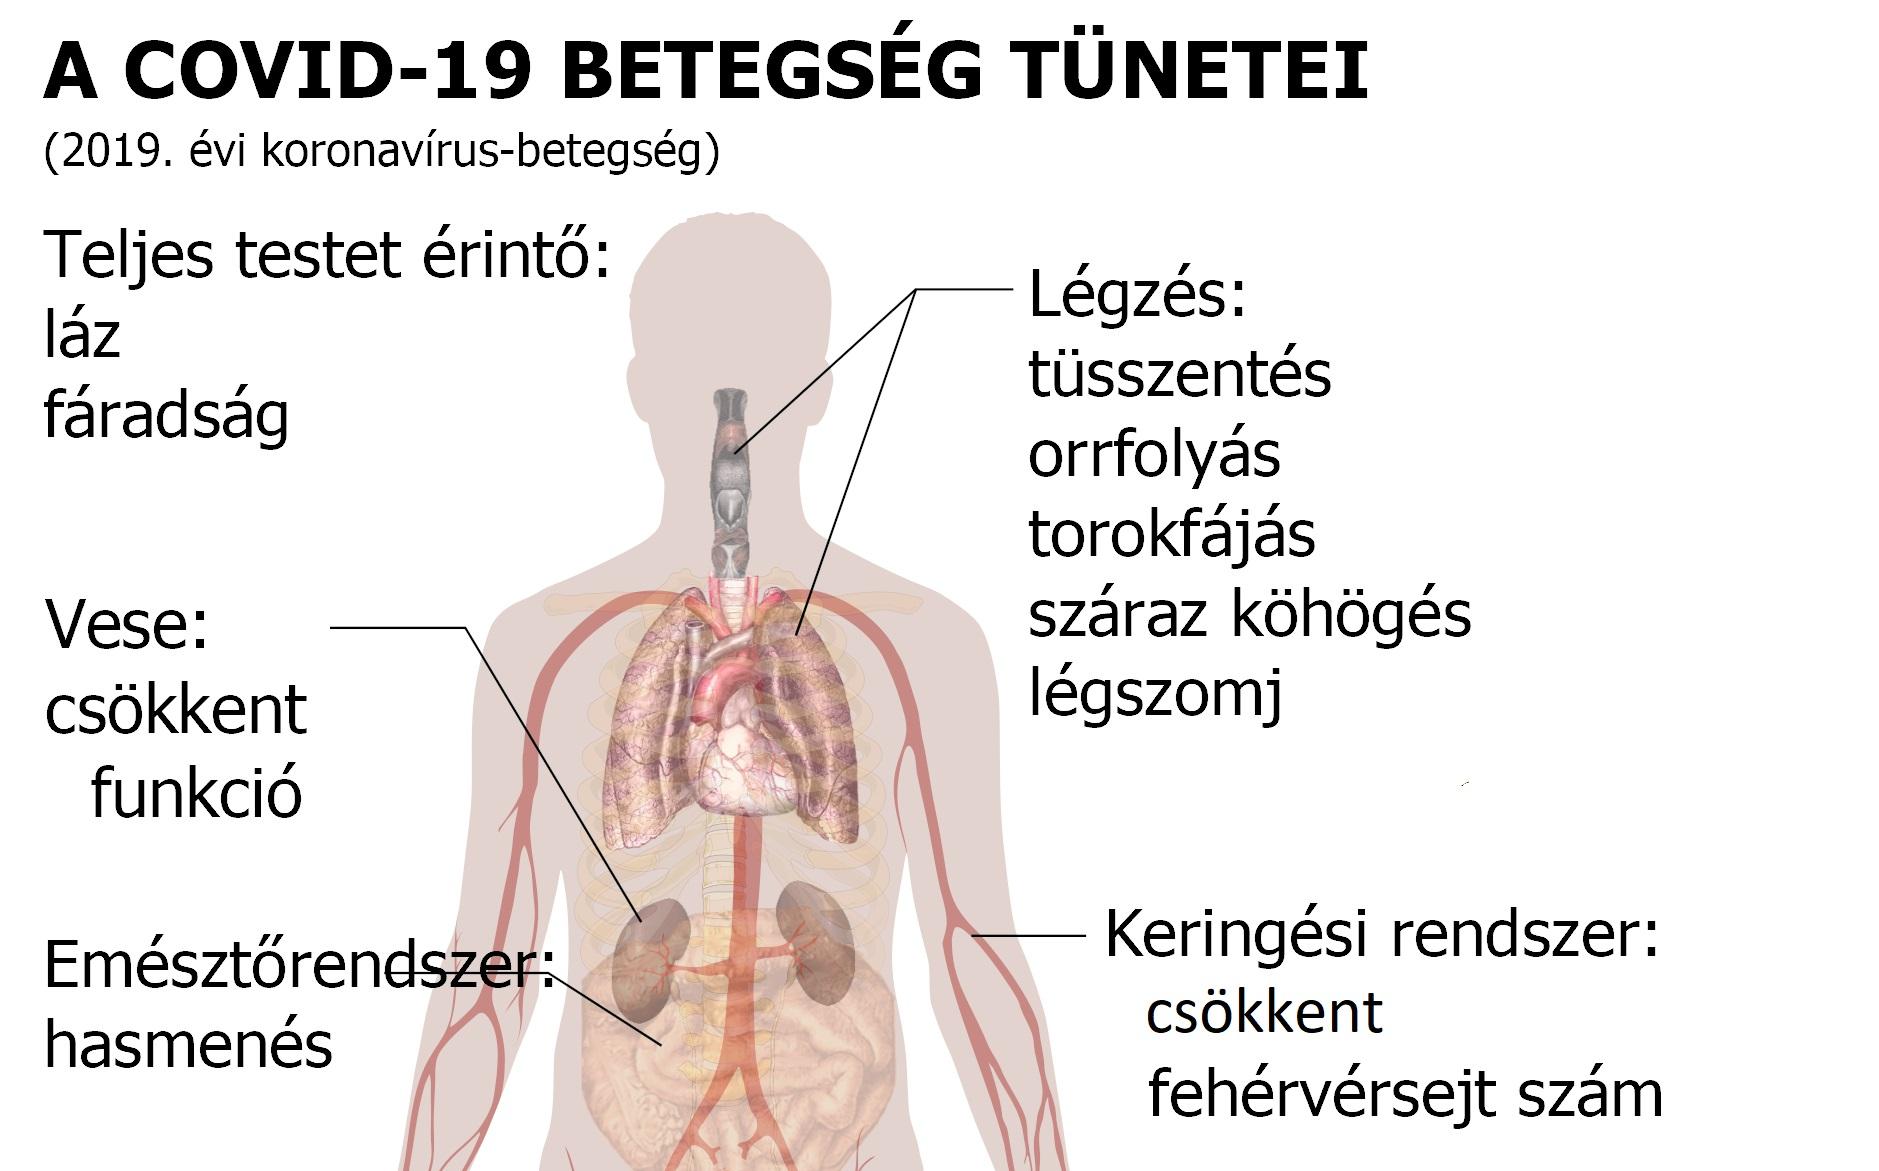 Látásromlás okai, tünetei és kezelése • hopehelycukraszda.hu